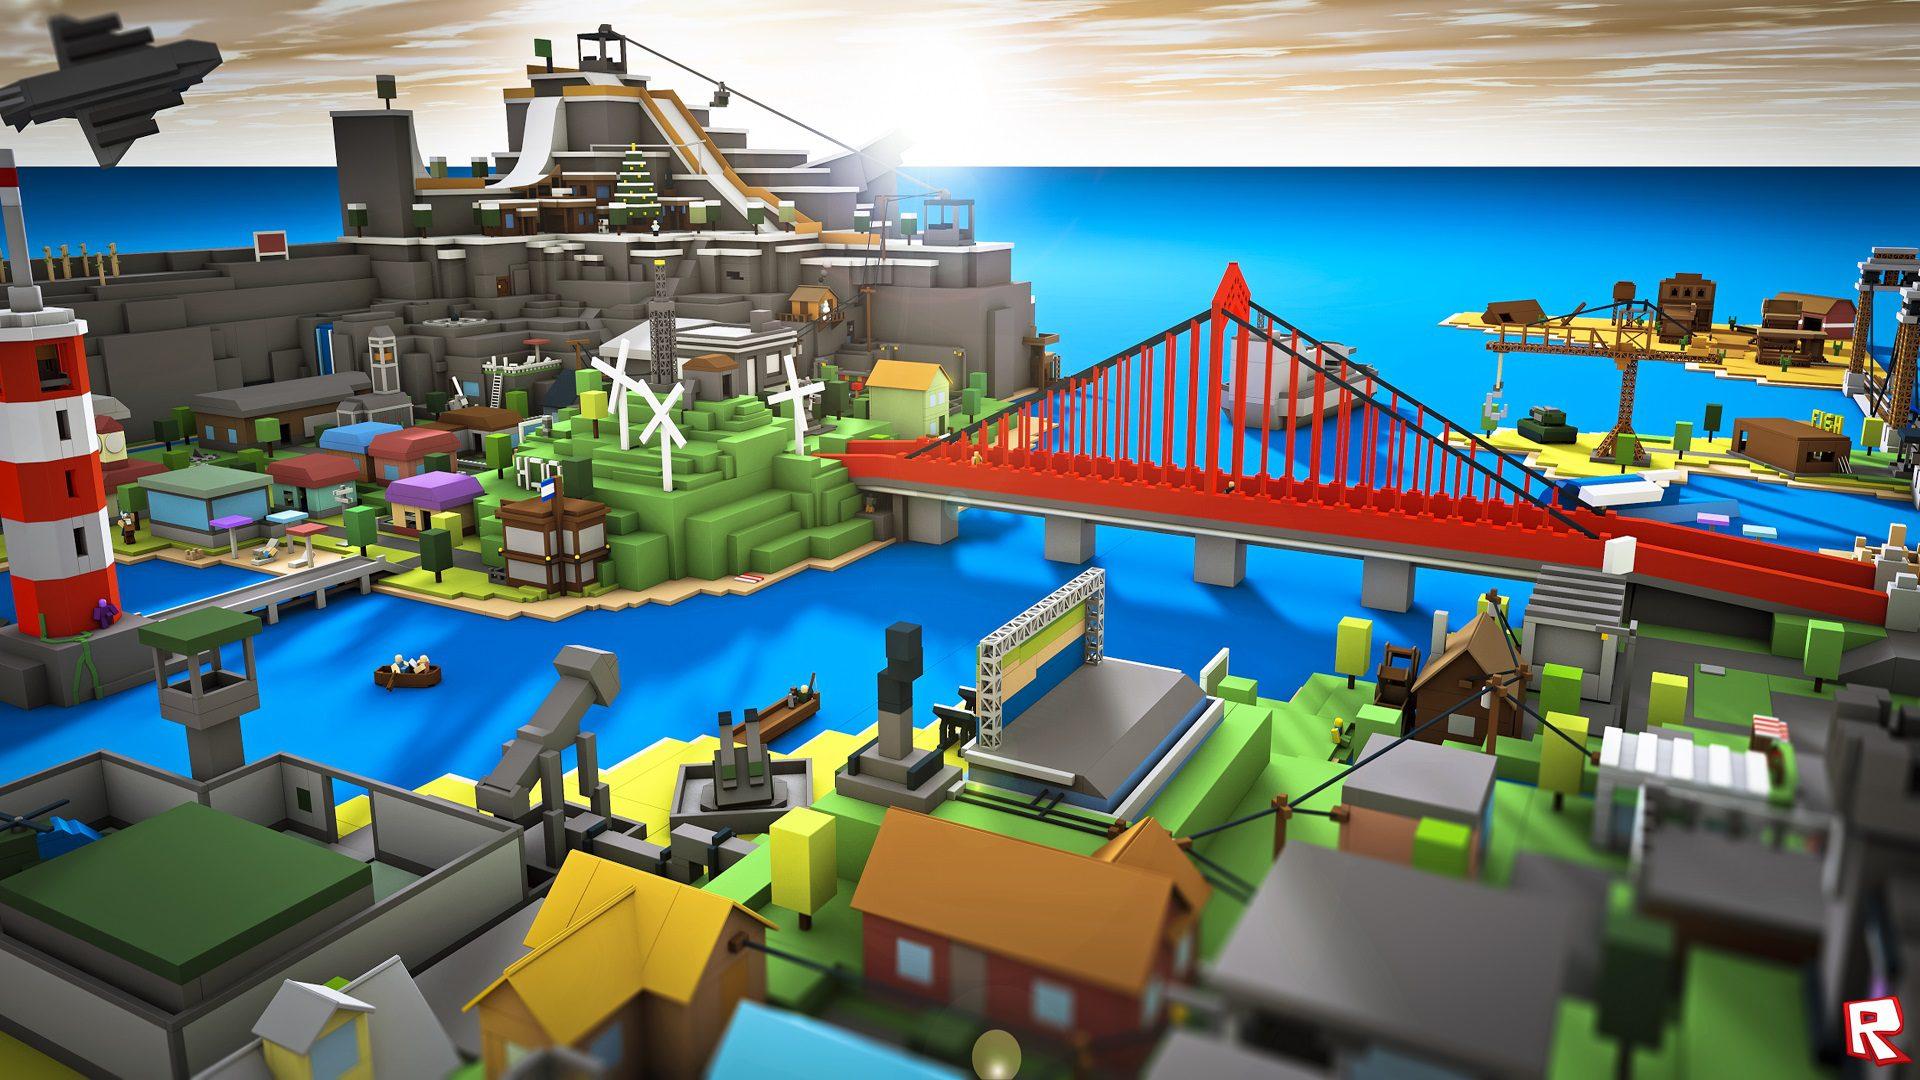 Roblox Xbox Login - Roblox Supera Los 90 Millones De Usuarios Activos